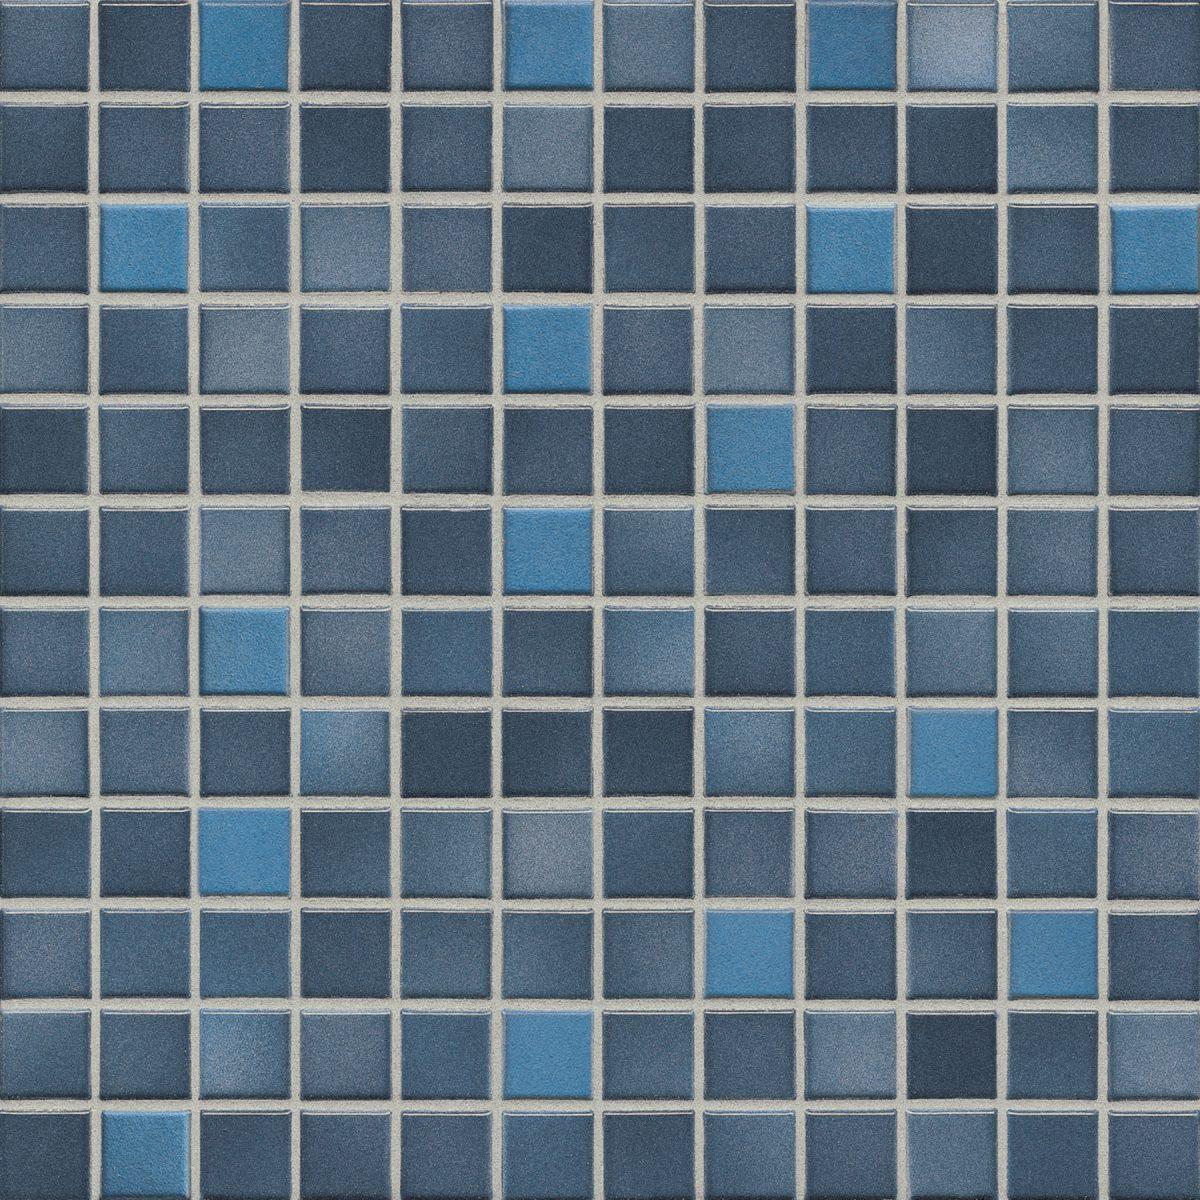 Мозаика серия Fresh 2,4 X 2,4 см Midnight Blue Mix Secura (противоскользящая R10/B)